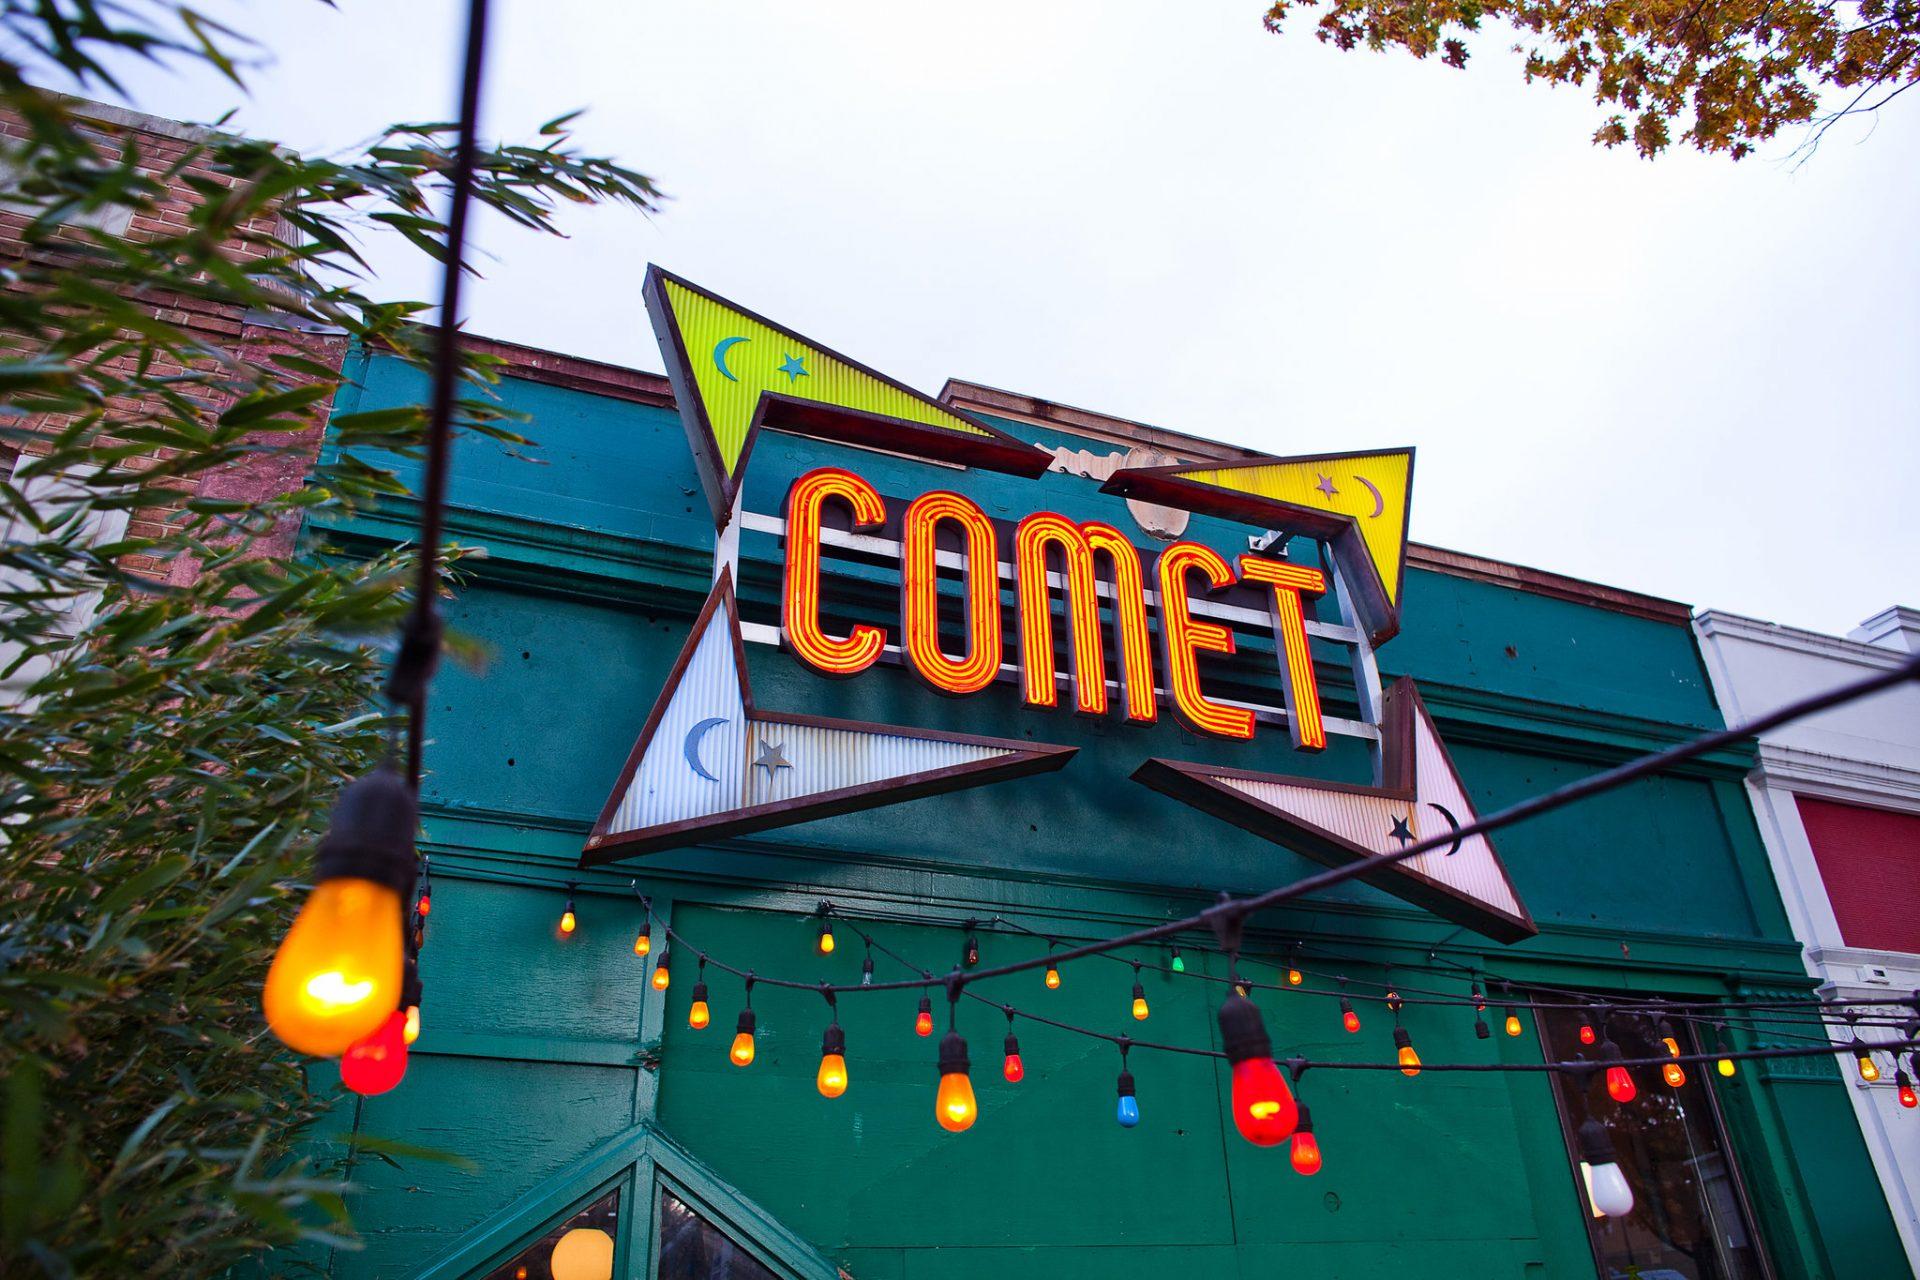 Consecințele dezinformării din mediul online: o pizzeria a fost hărțuită din cauza unei teorii ale conspirației